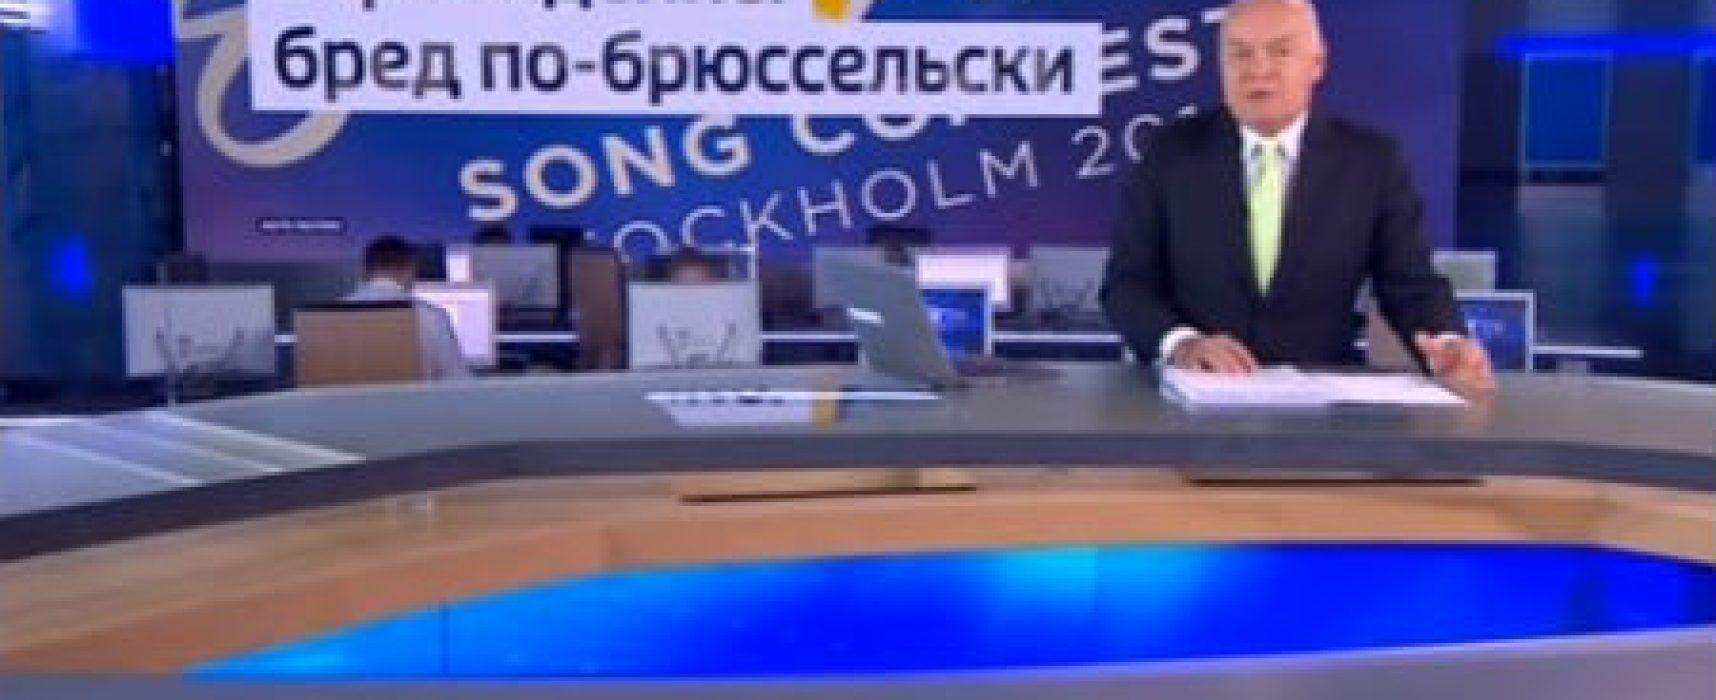 Телепропаганда. Май 2016